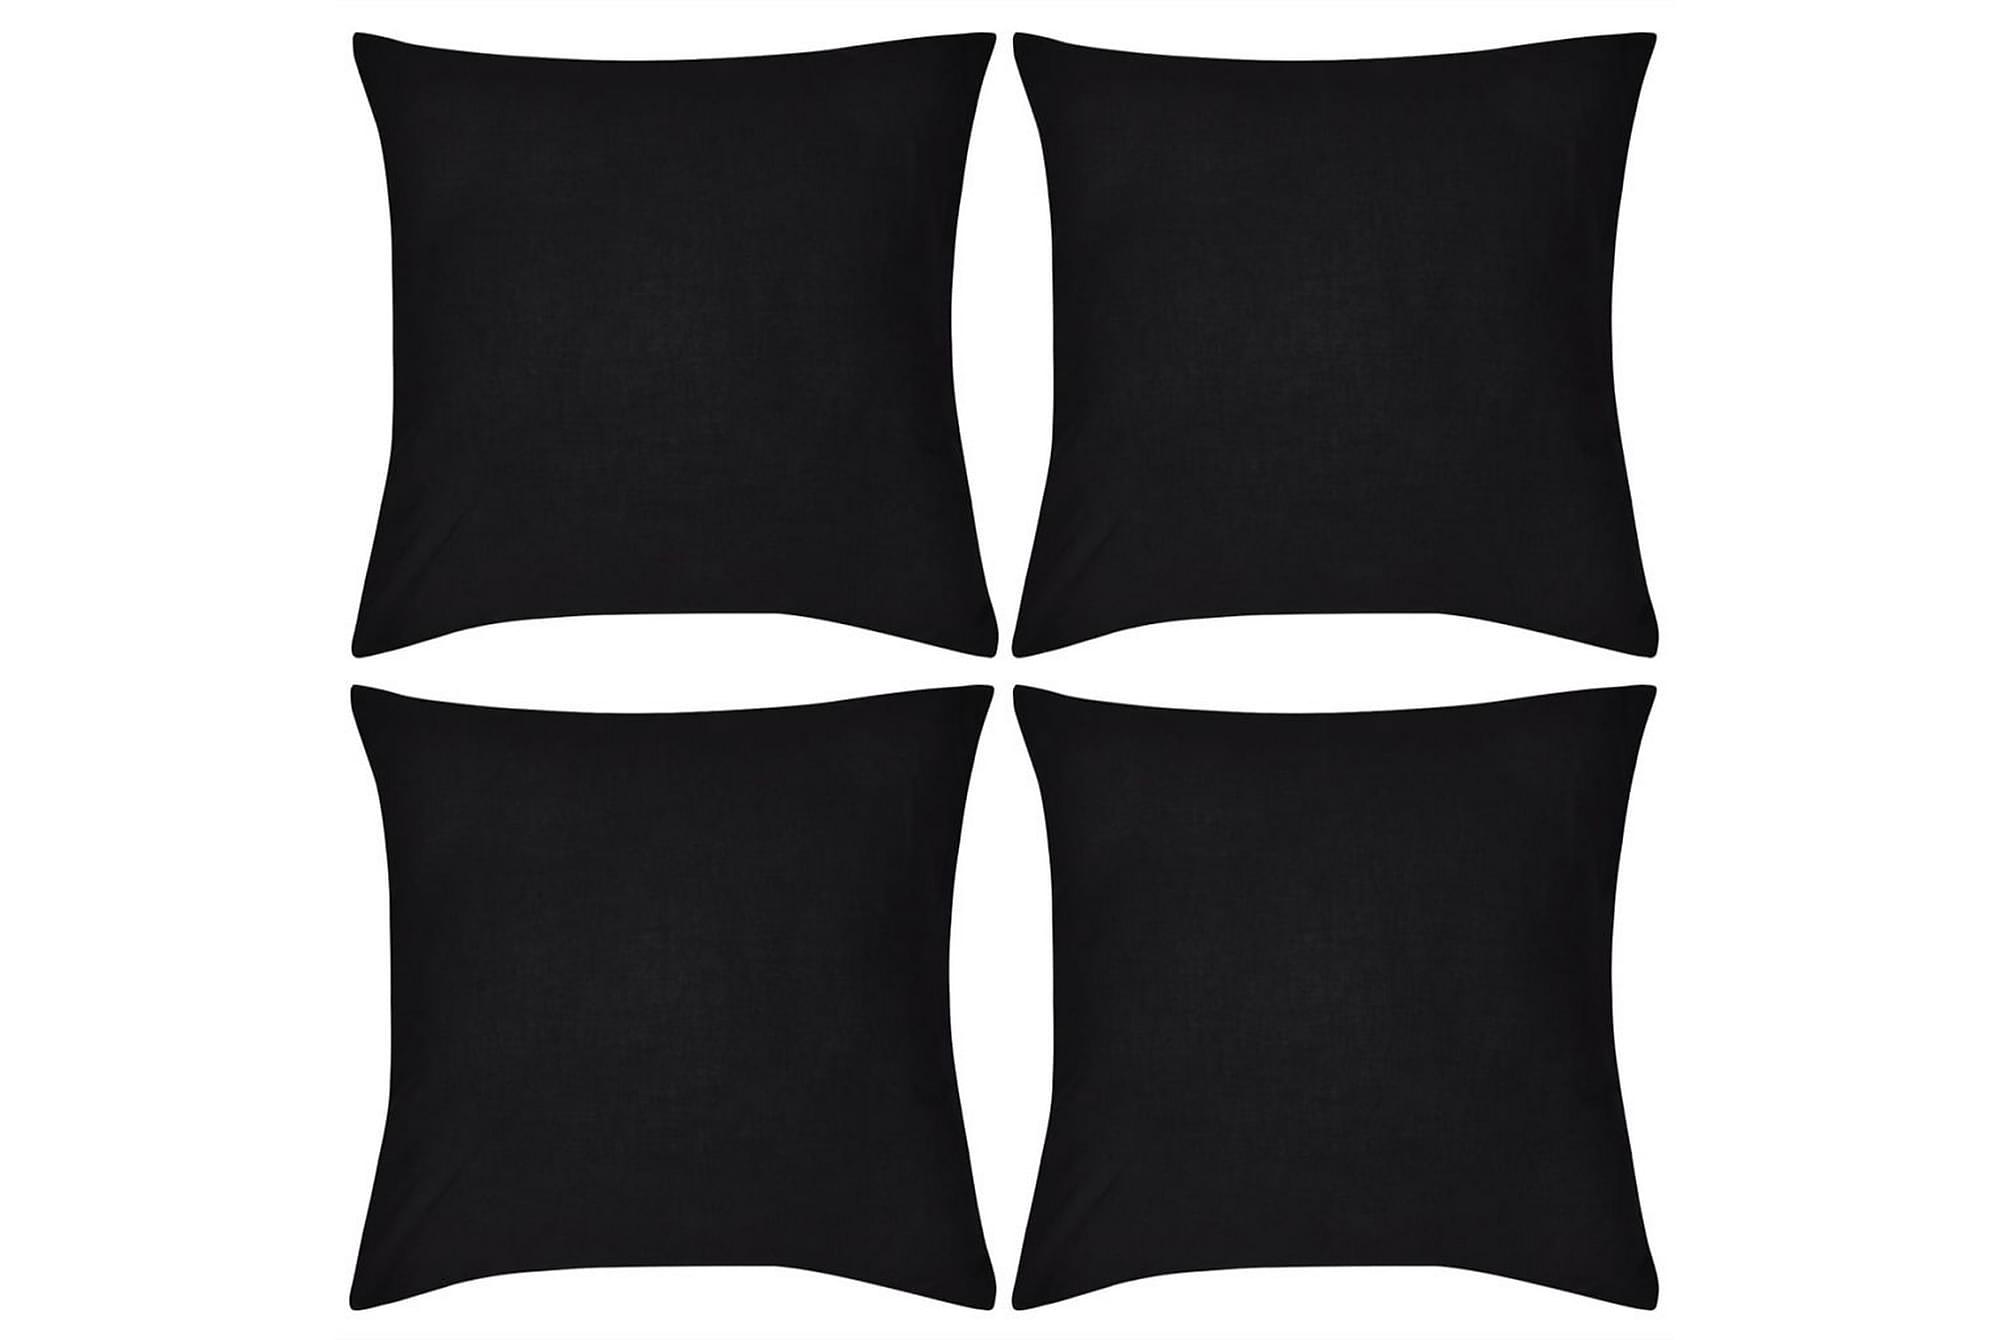 4 Kuddöverdrag i bomull svarta 80 x 80 cm, Prydnadskuddar & filtar